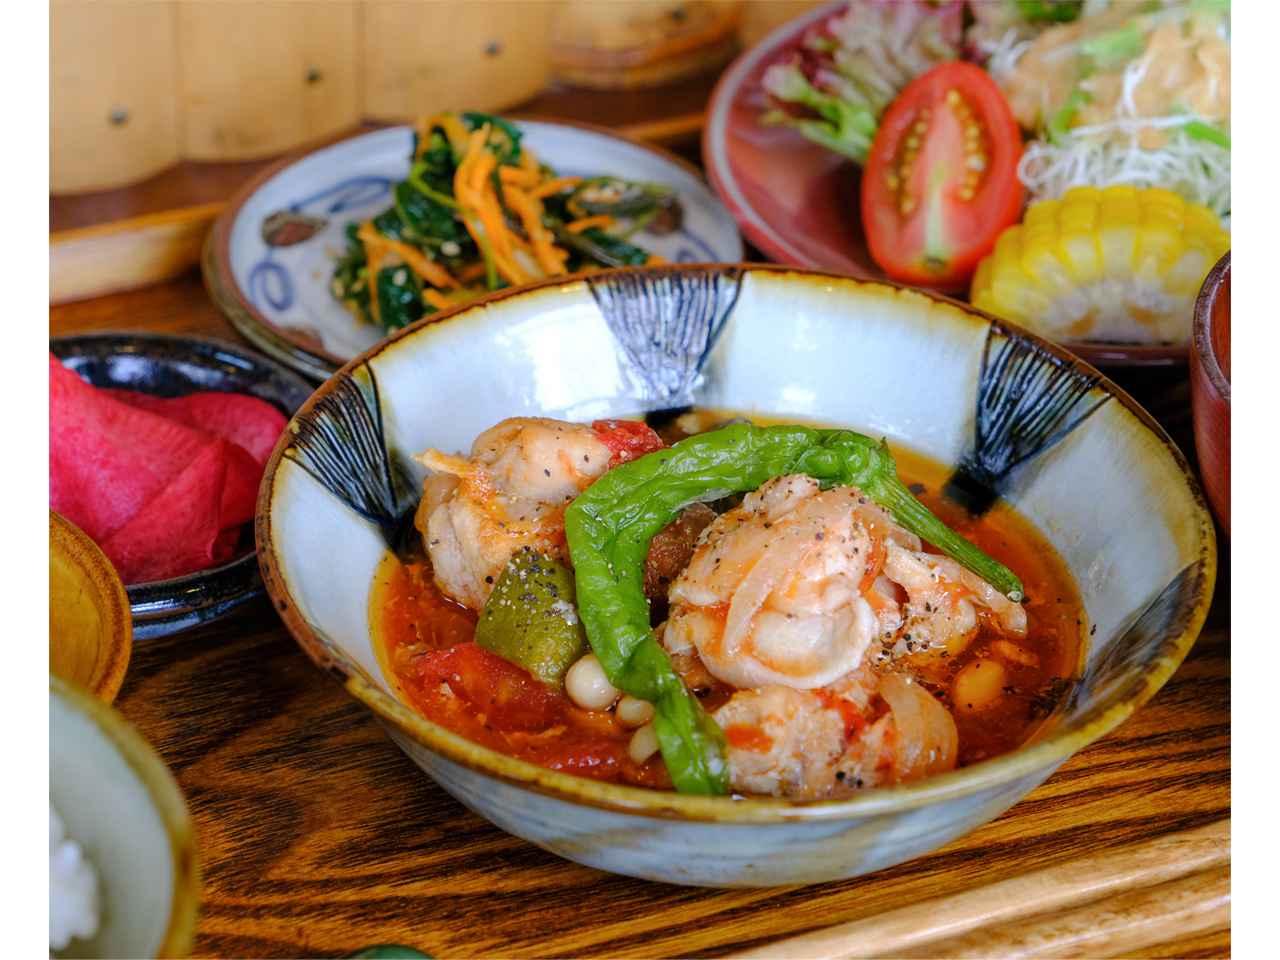 画像: 手作り、化学調味料不使用の料理は優しい味。野菜たっぷりでヘルシーです。